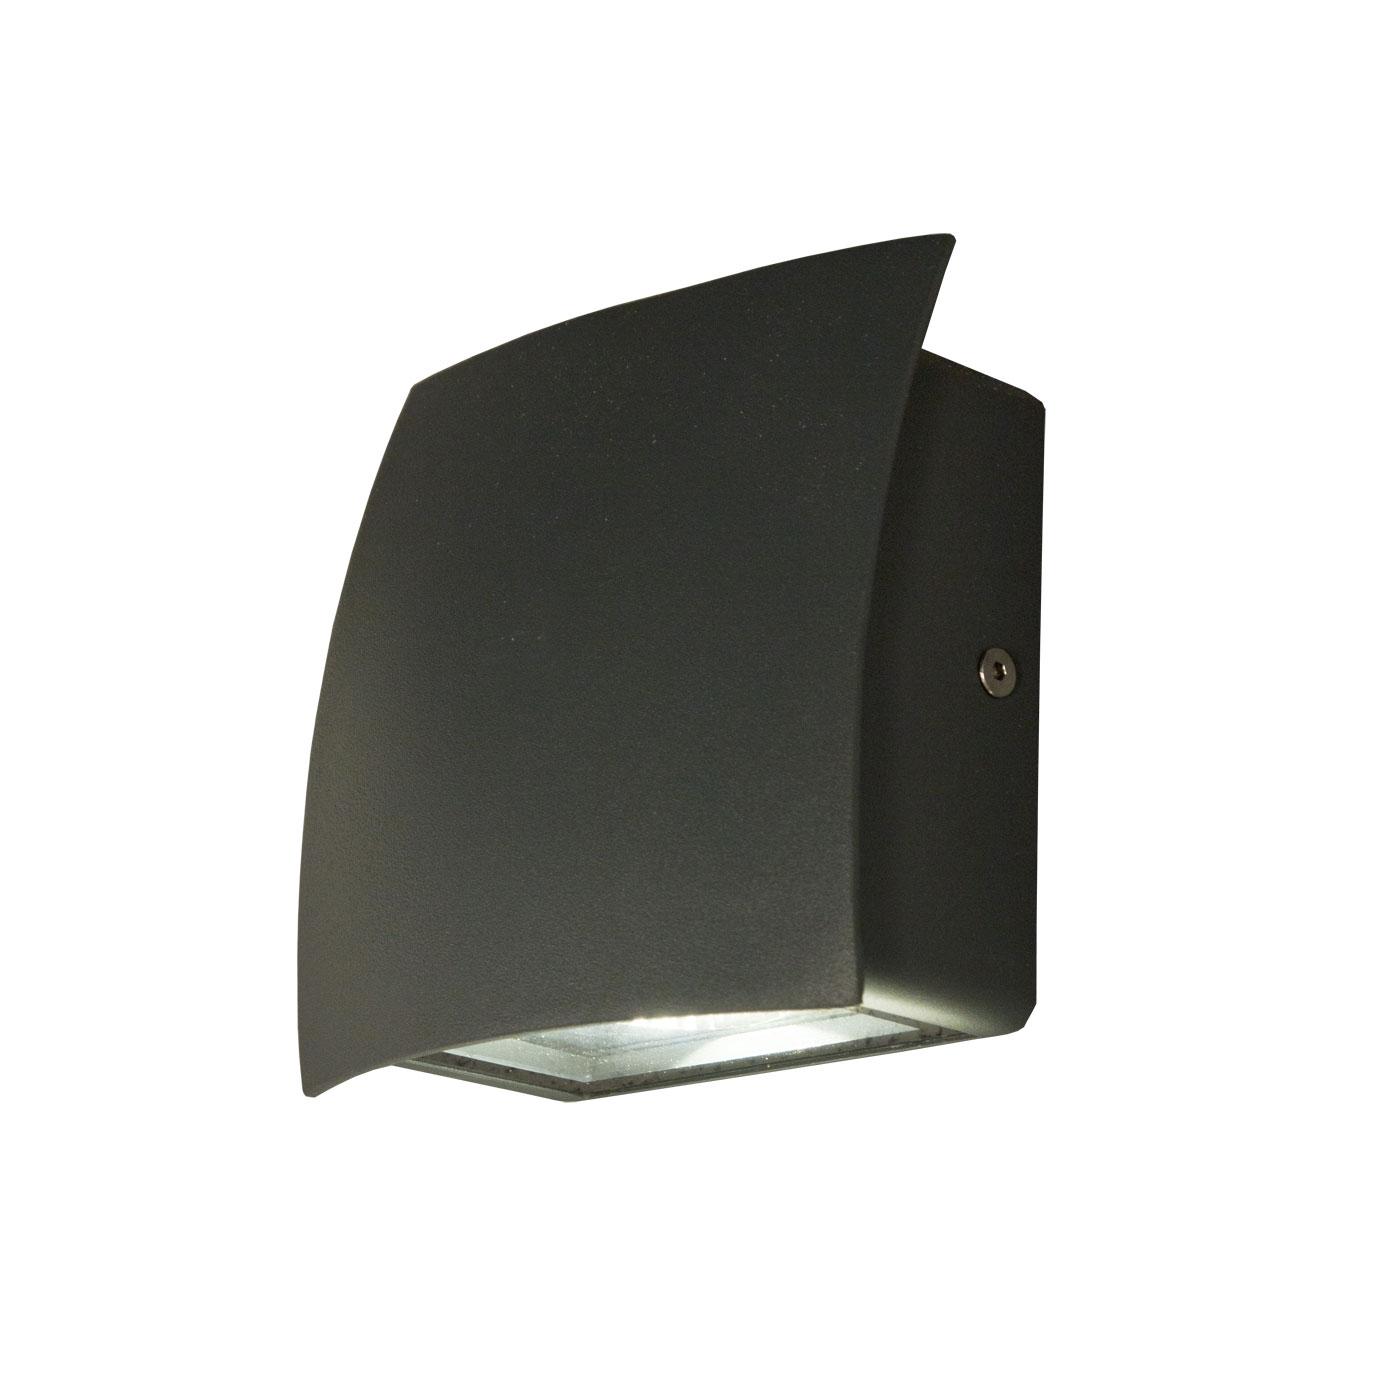 Aneta Flip Utelampa Vägg LED